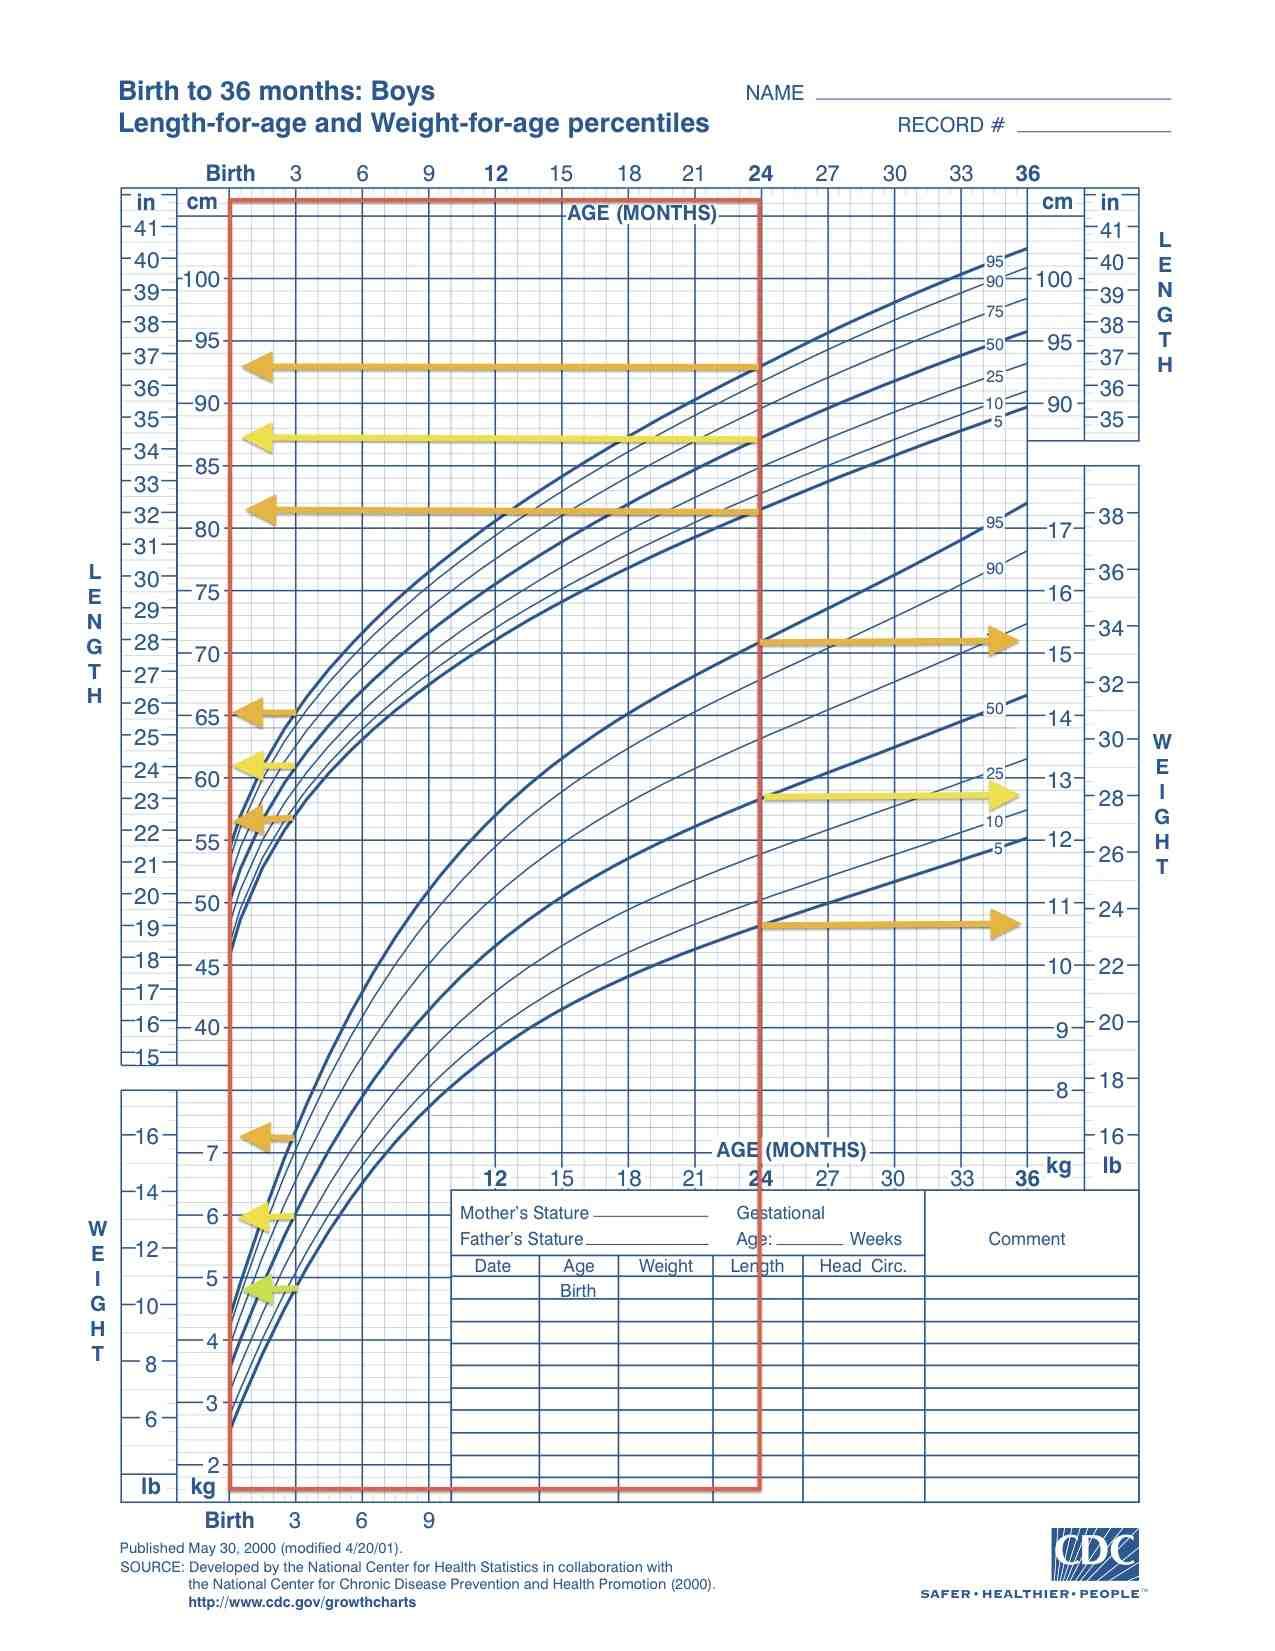 Curva di crescita NCHS per bambini da 0 a 36 mesi